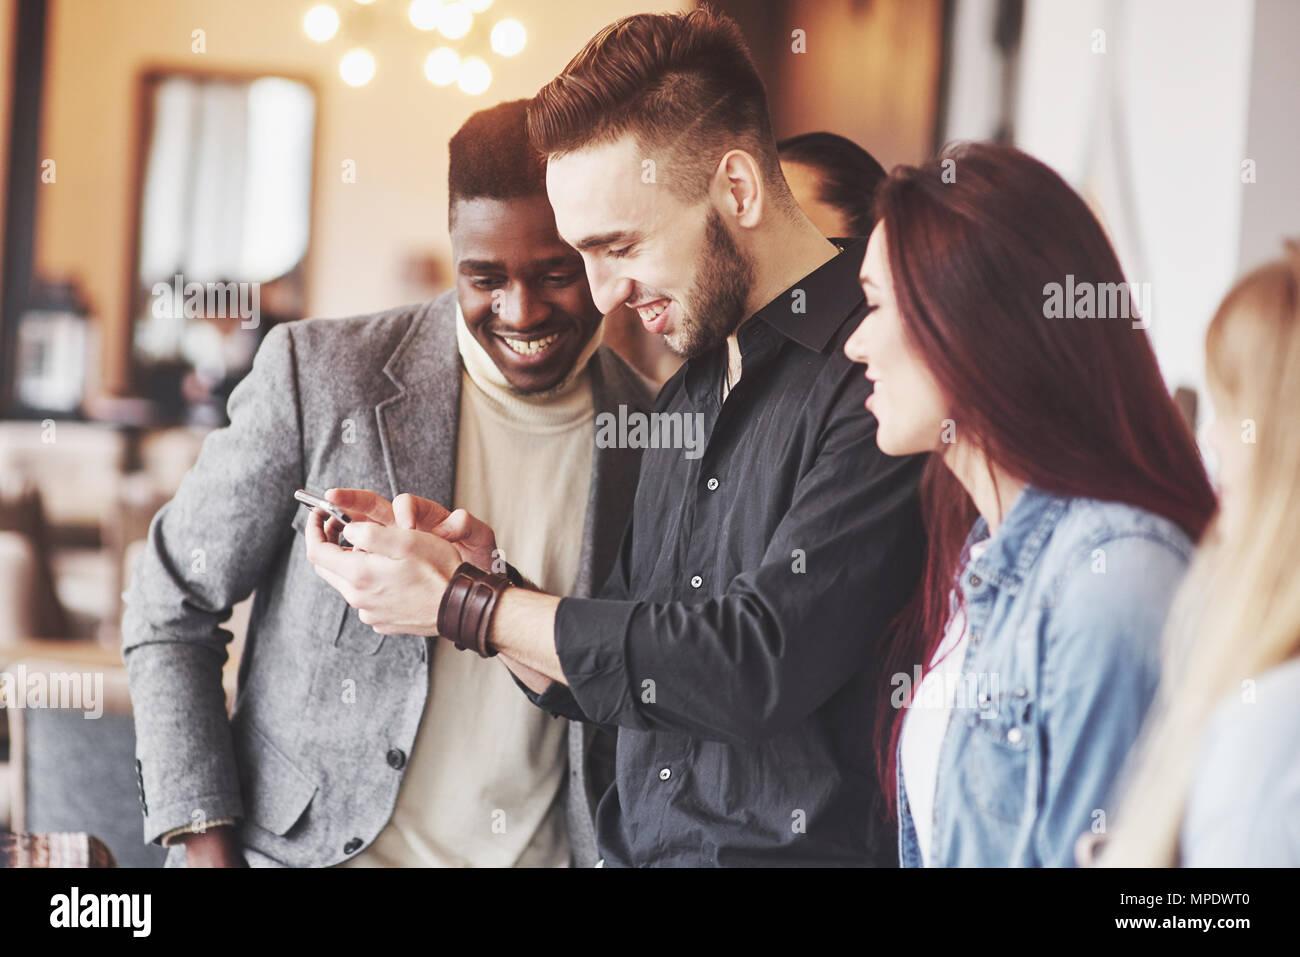 Portrait von fröhlichen jungen Freunden bei smart phone, während im Cafe sitzen. Gemischte Rasse Menschen in Restaurant mit Handy Stockbild